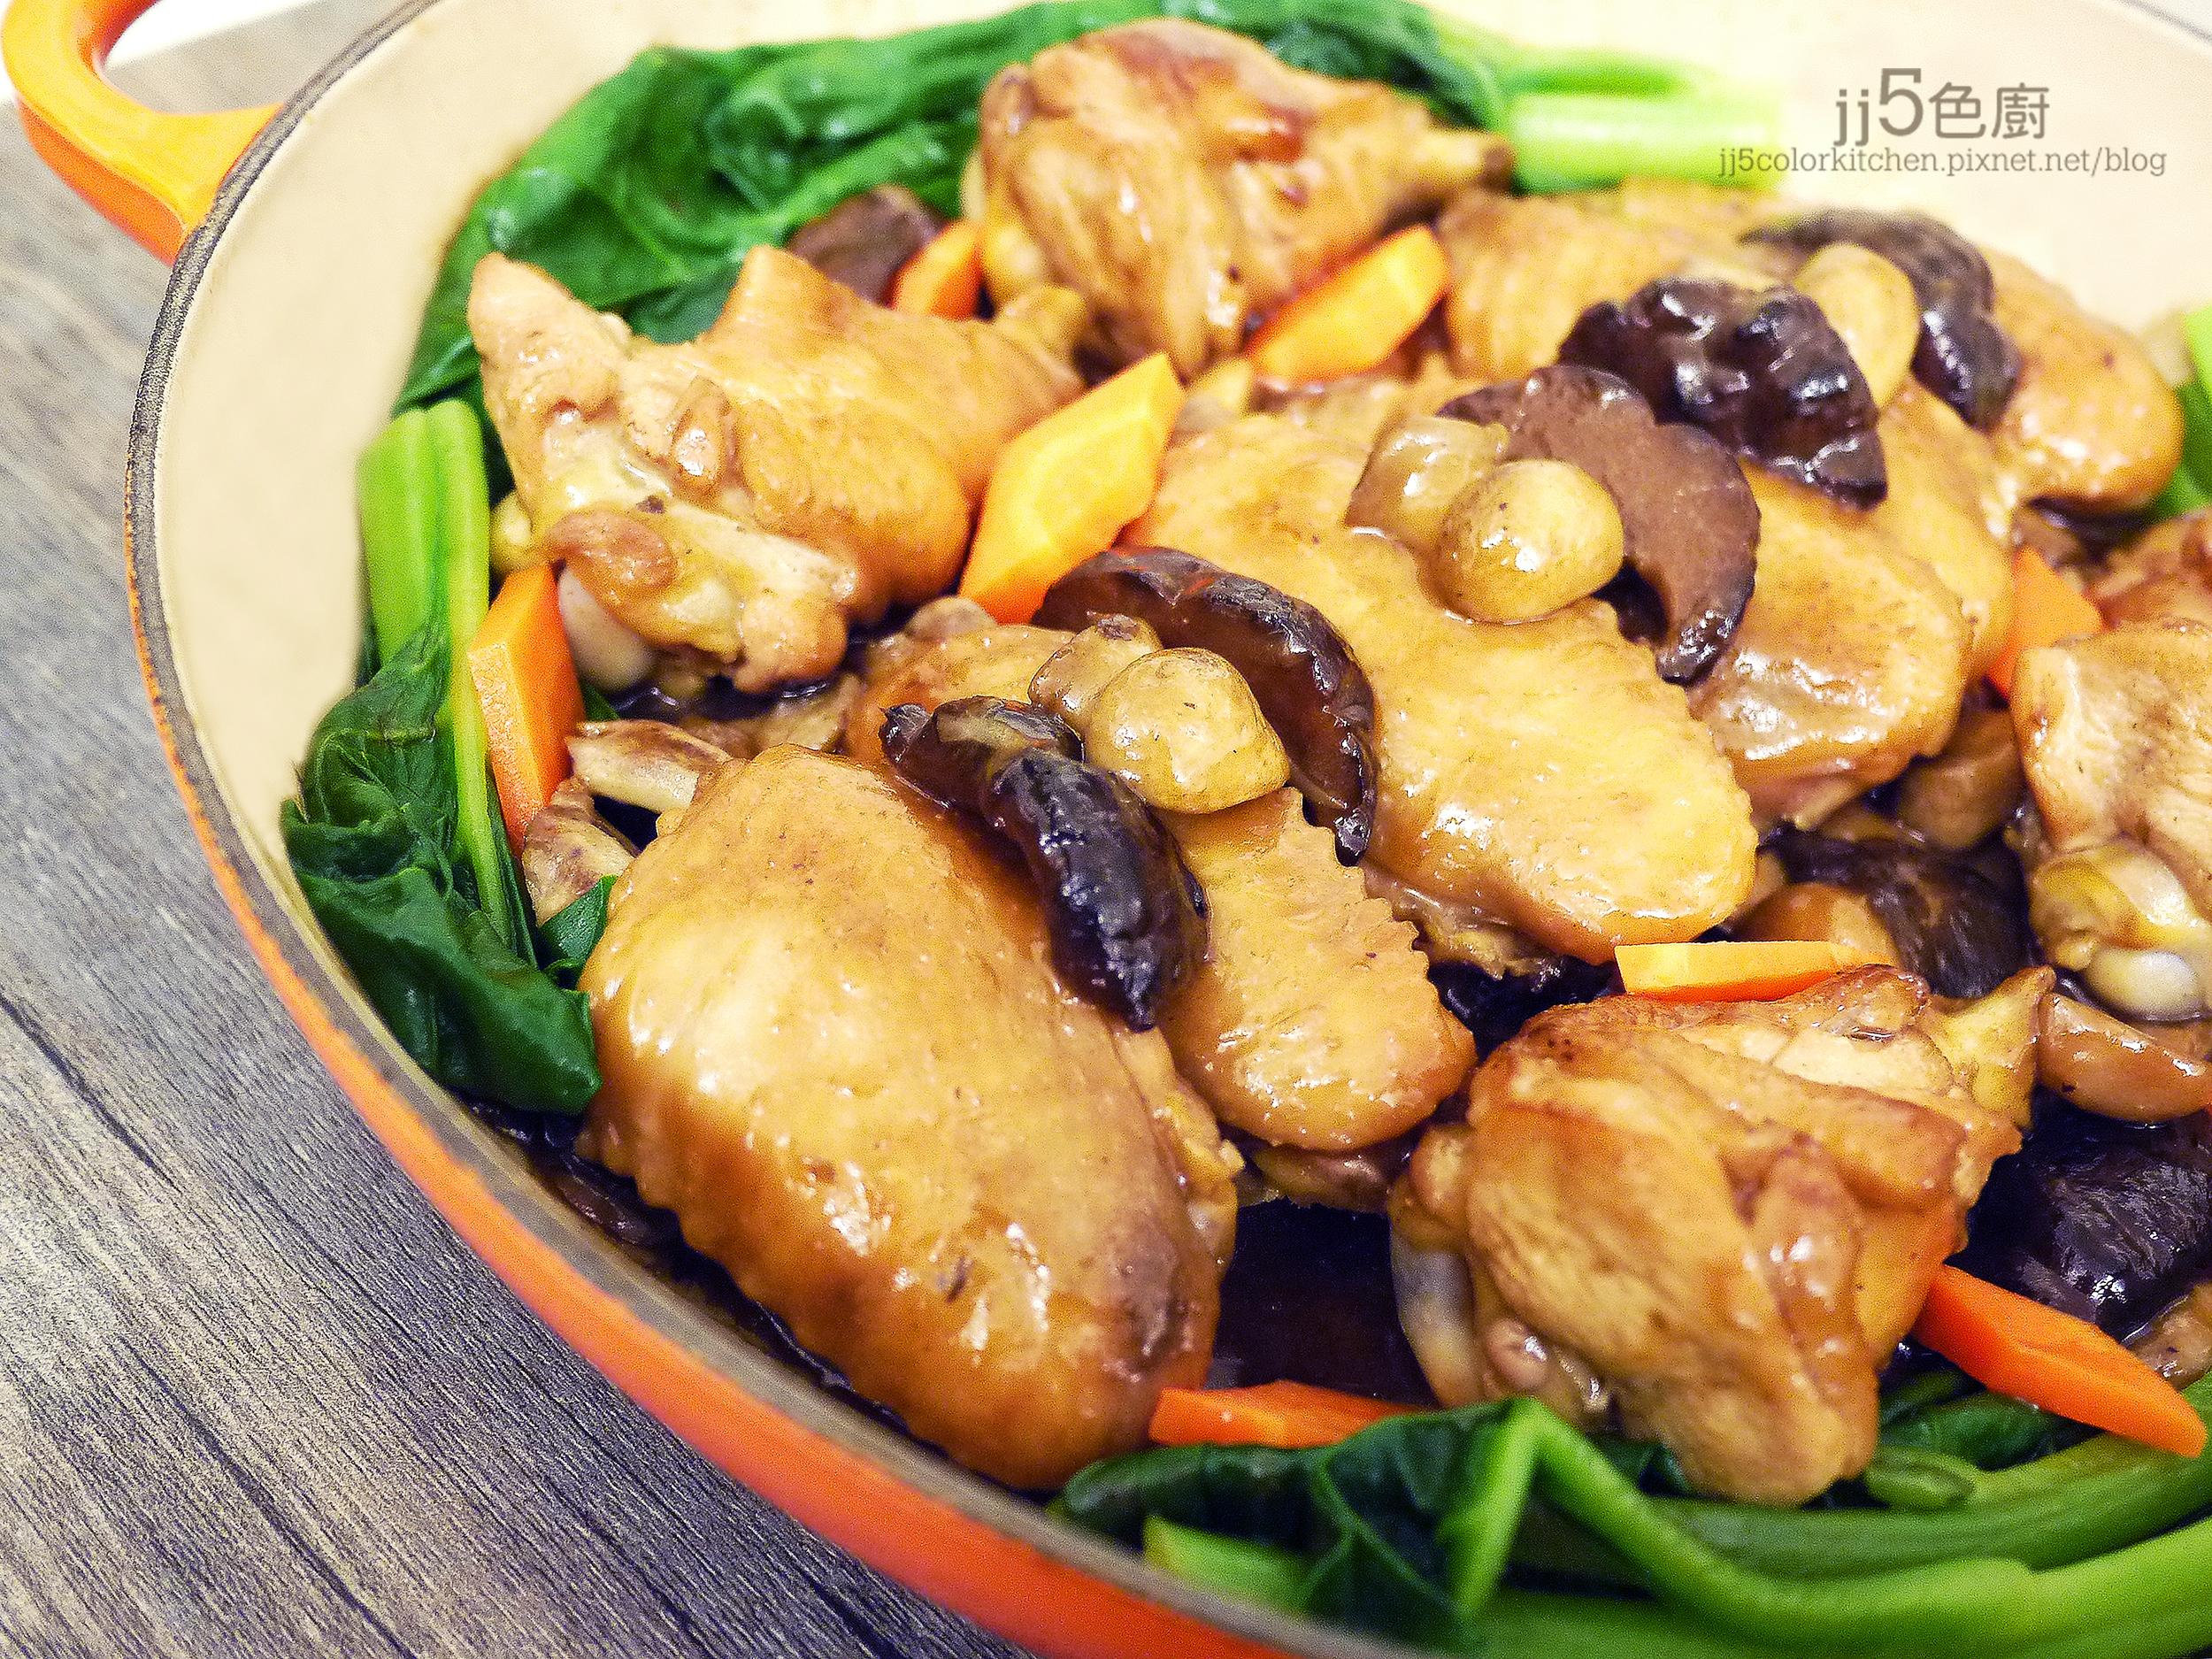 三菇蠔油雞翅